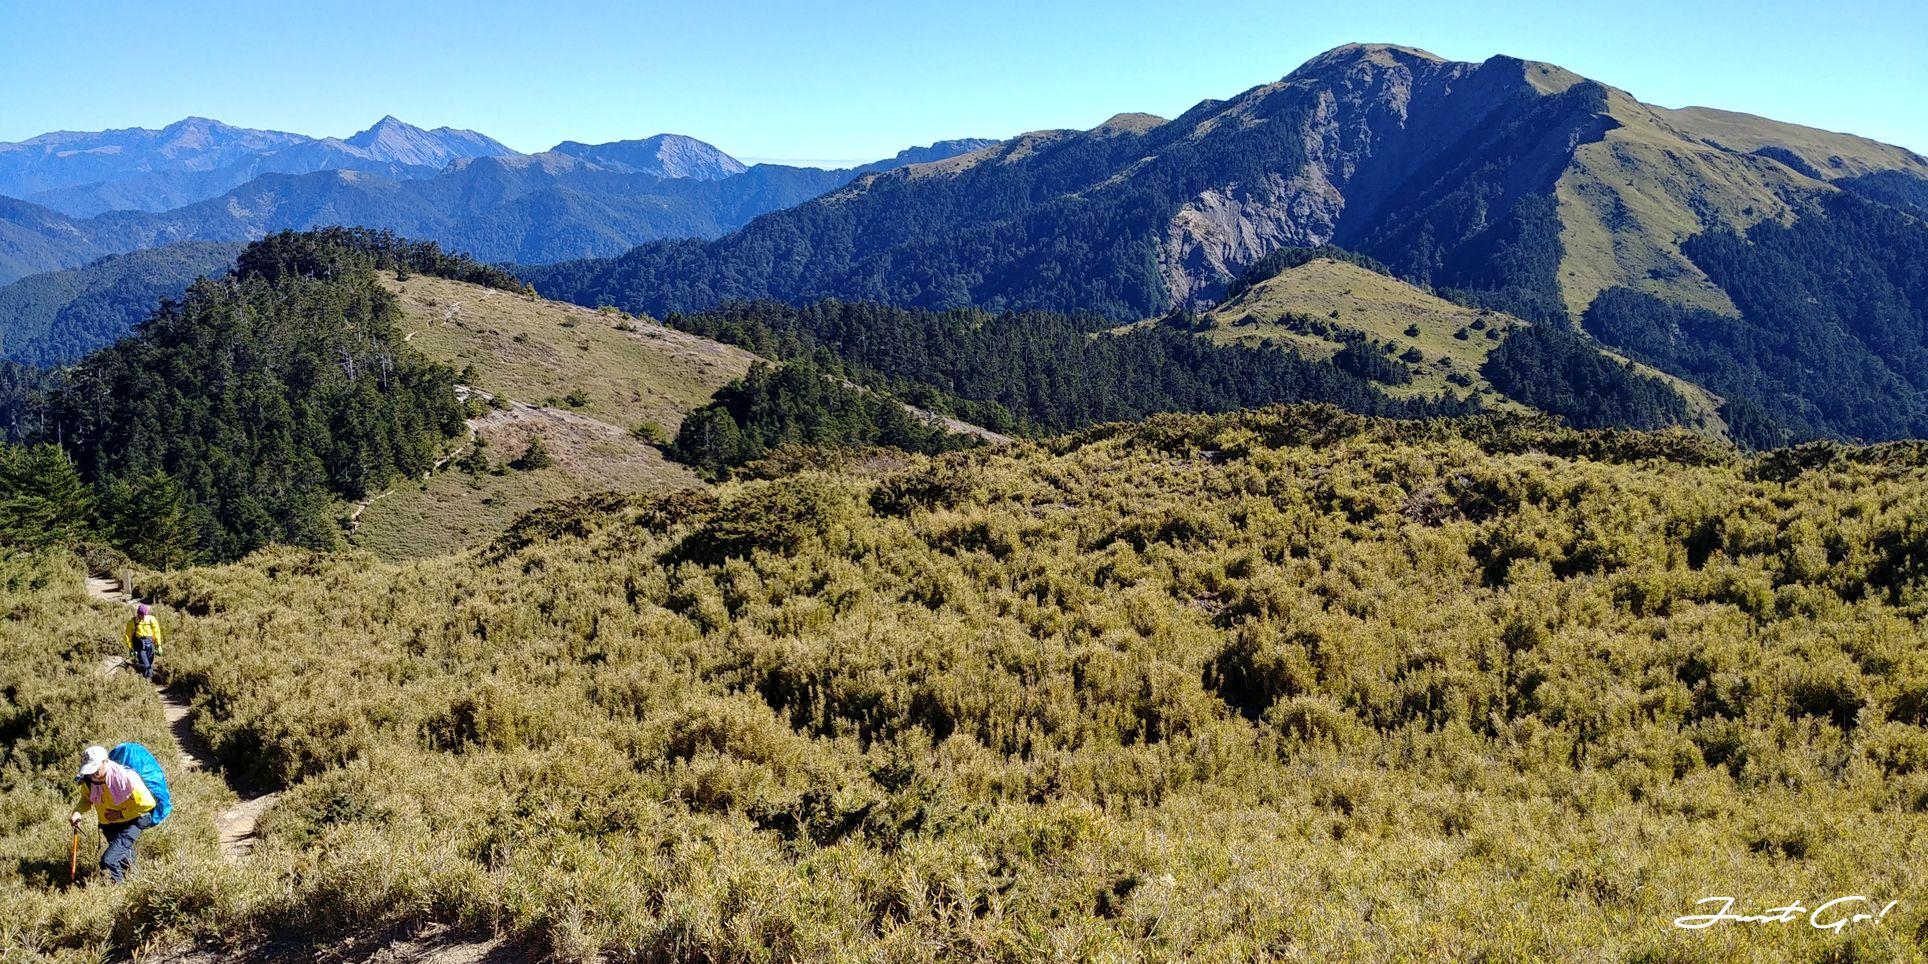 一日百岳·9小時單攻合歡西峰北峰-地圖gpx、行程規劃、申請、登山口17